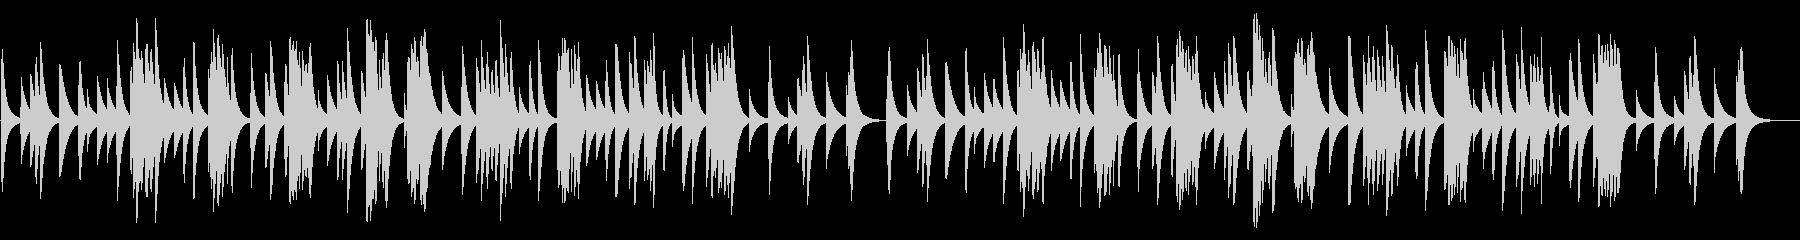 アヴェ・マリア(シューベルト) 18弁オの未再生の波形